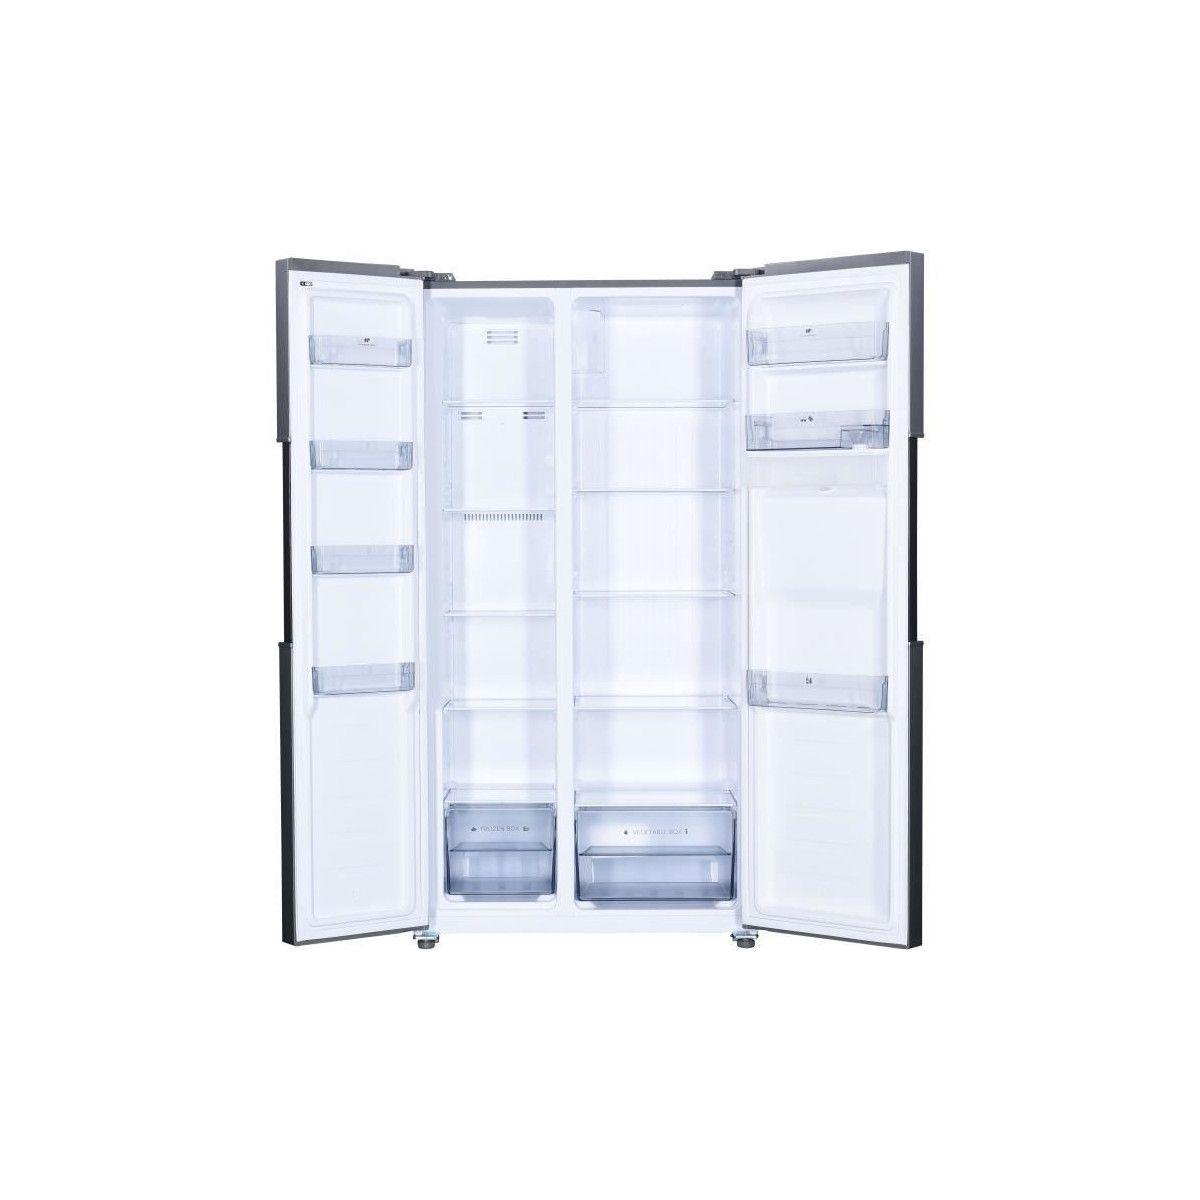 Refrigerateur Americain Faible Largeur continental edison refrigerateur americain 433l 288l + 145l-total no frost  - display led-distributeur deau - profondeur 60 cm